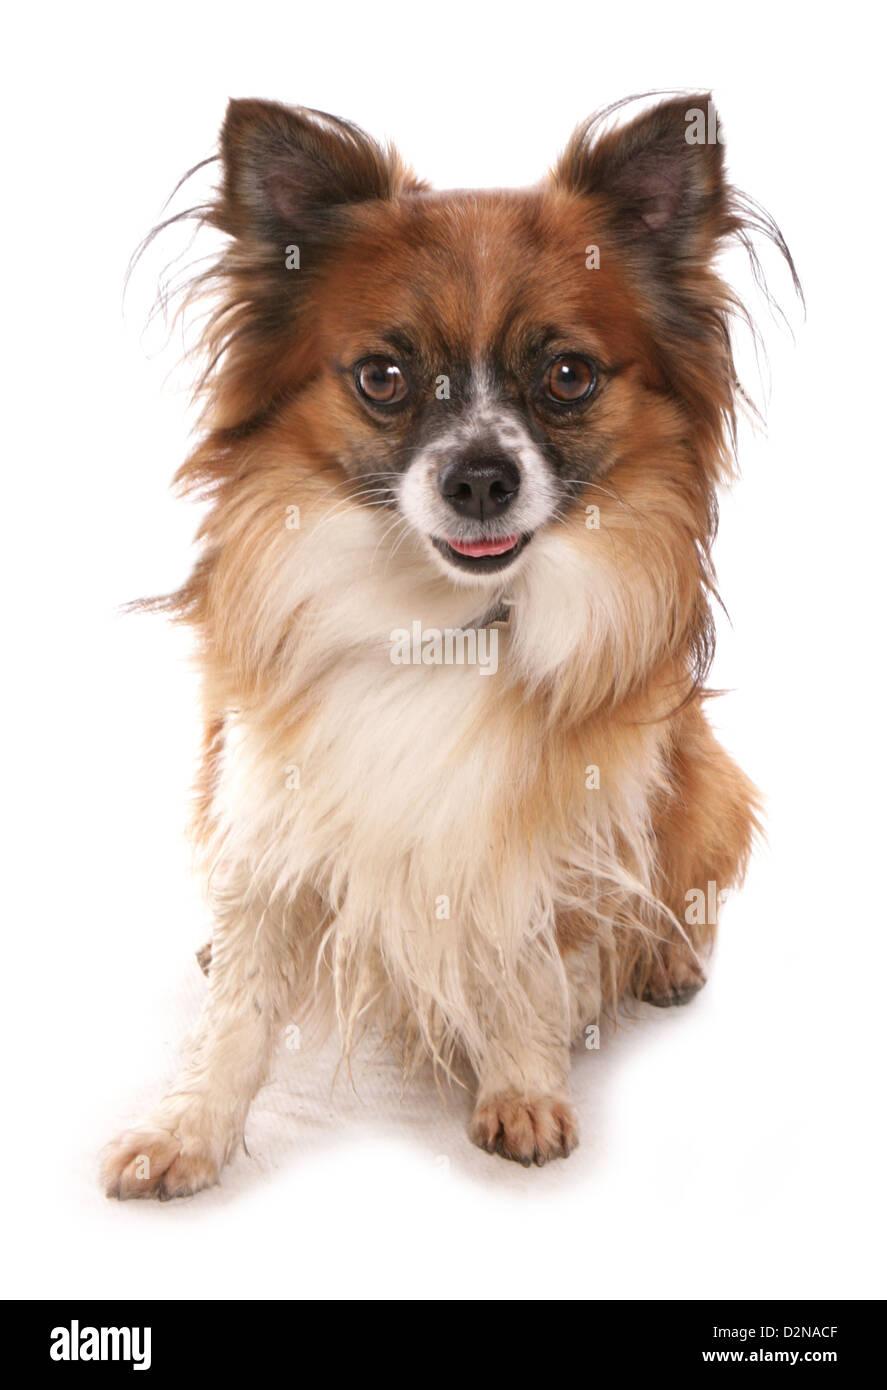 pet dog studio cutout - Stock Image